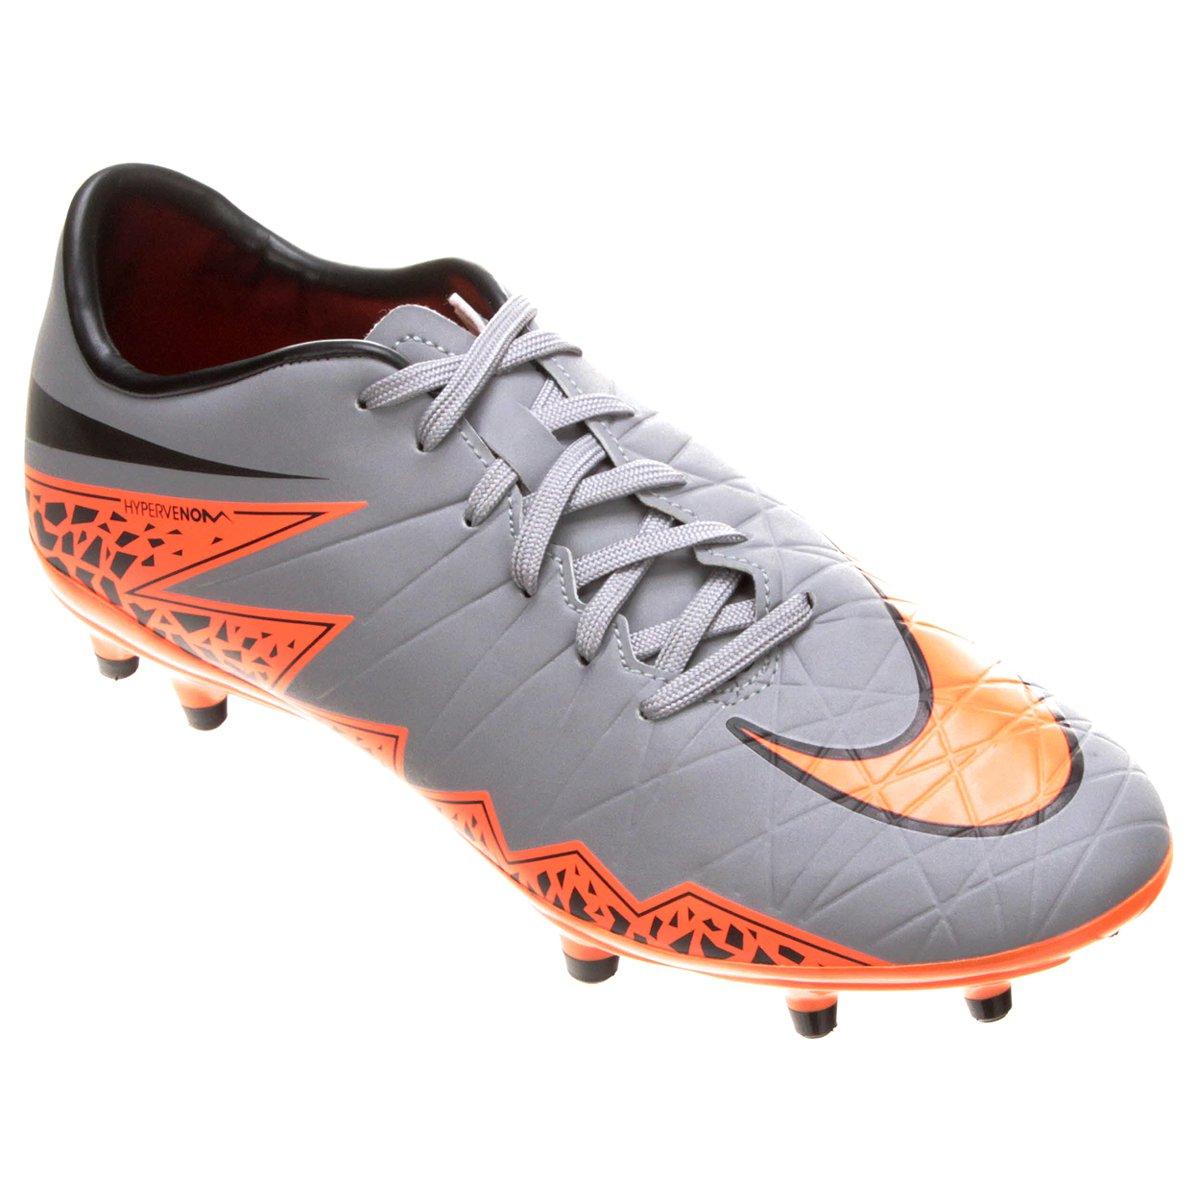 ce095cb690 Chuteira Campo Nike Hypervenom Phelon 2 FG Masculina - Compre Agora ...